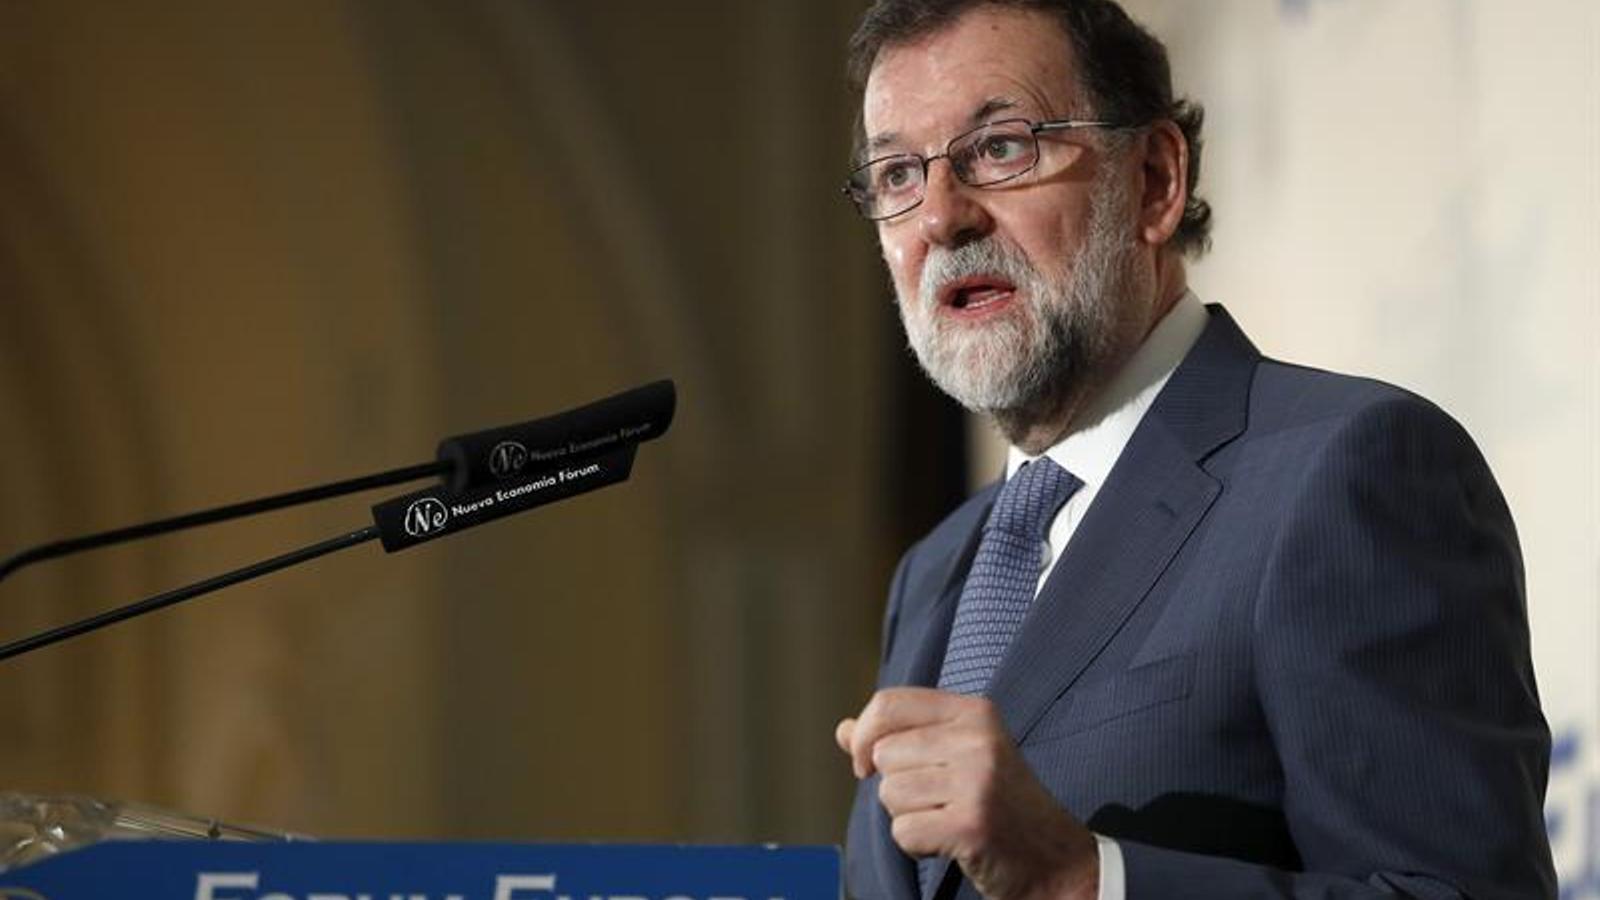 Els Independentistes No Han Guanyat Cap Batalla Rajoy A